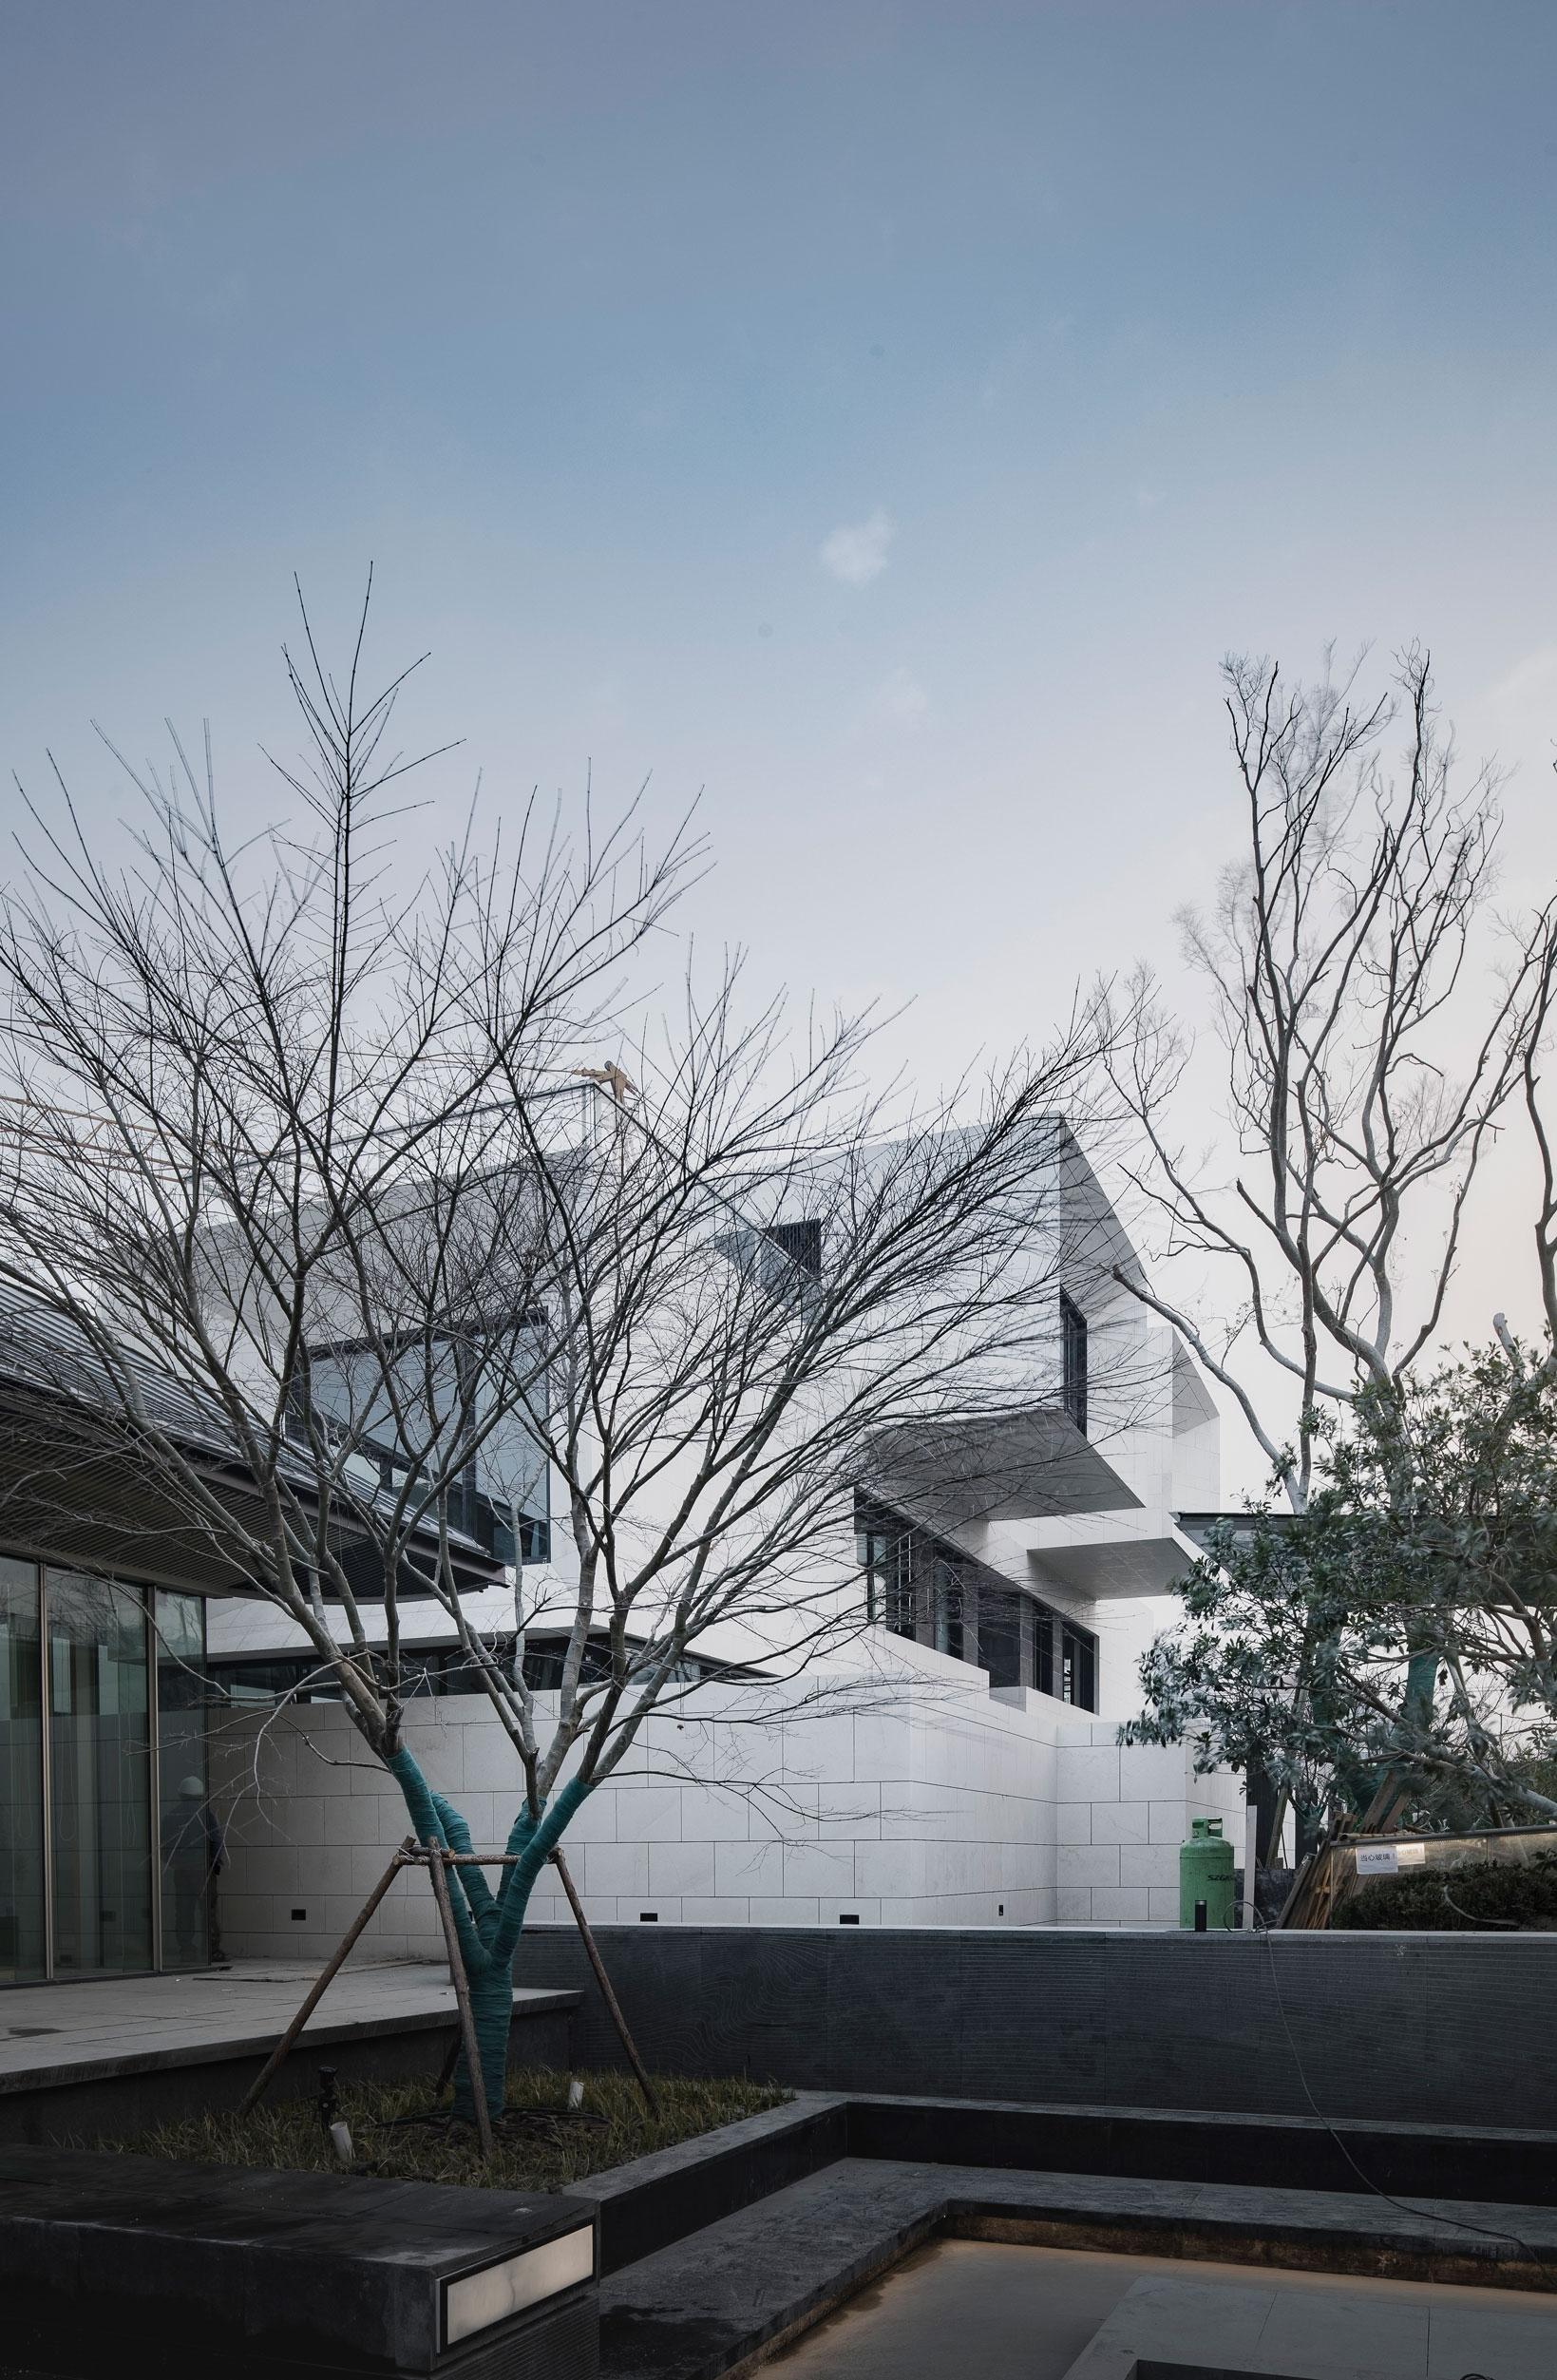 11.在万科大家的建筑图卷中,处处可看到西方的极简技法,那些线条语言、色彩色调与石材立面,与东方的传统建筑形制相融合,形成了万科大家的现代新中式建筑风格。.jpg